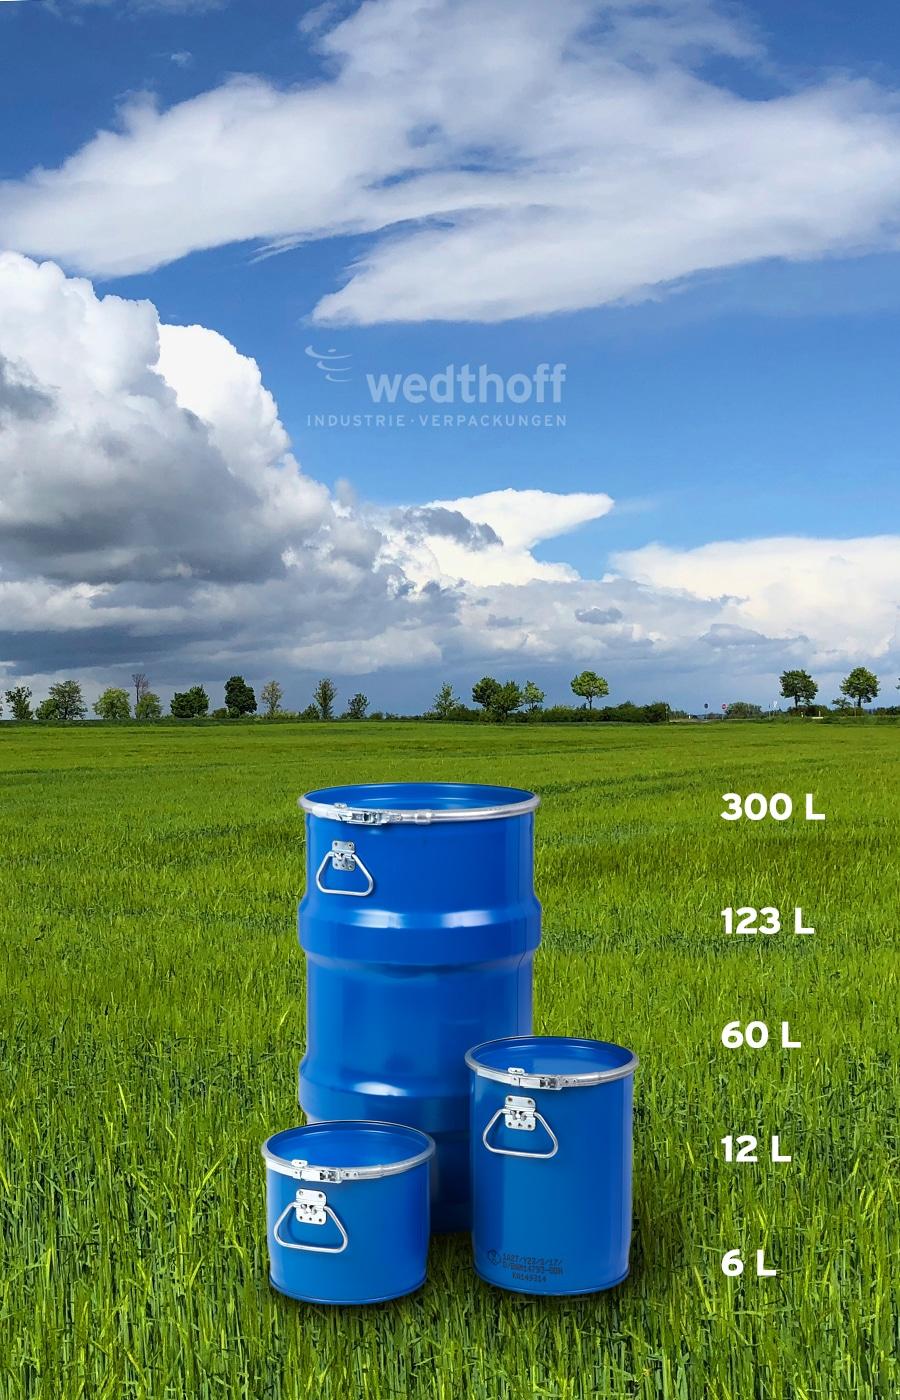 Bergungsfässer / Bergungsverpackungen mit Fass Volumen 6 - 12 - 60 -123 -300 Liter. T-Codierung. Deutsche Fabrikation von WEDTHOFF Industrieverpackungen